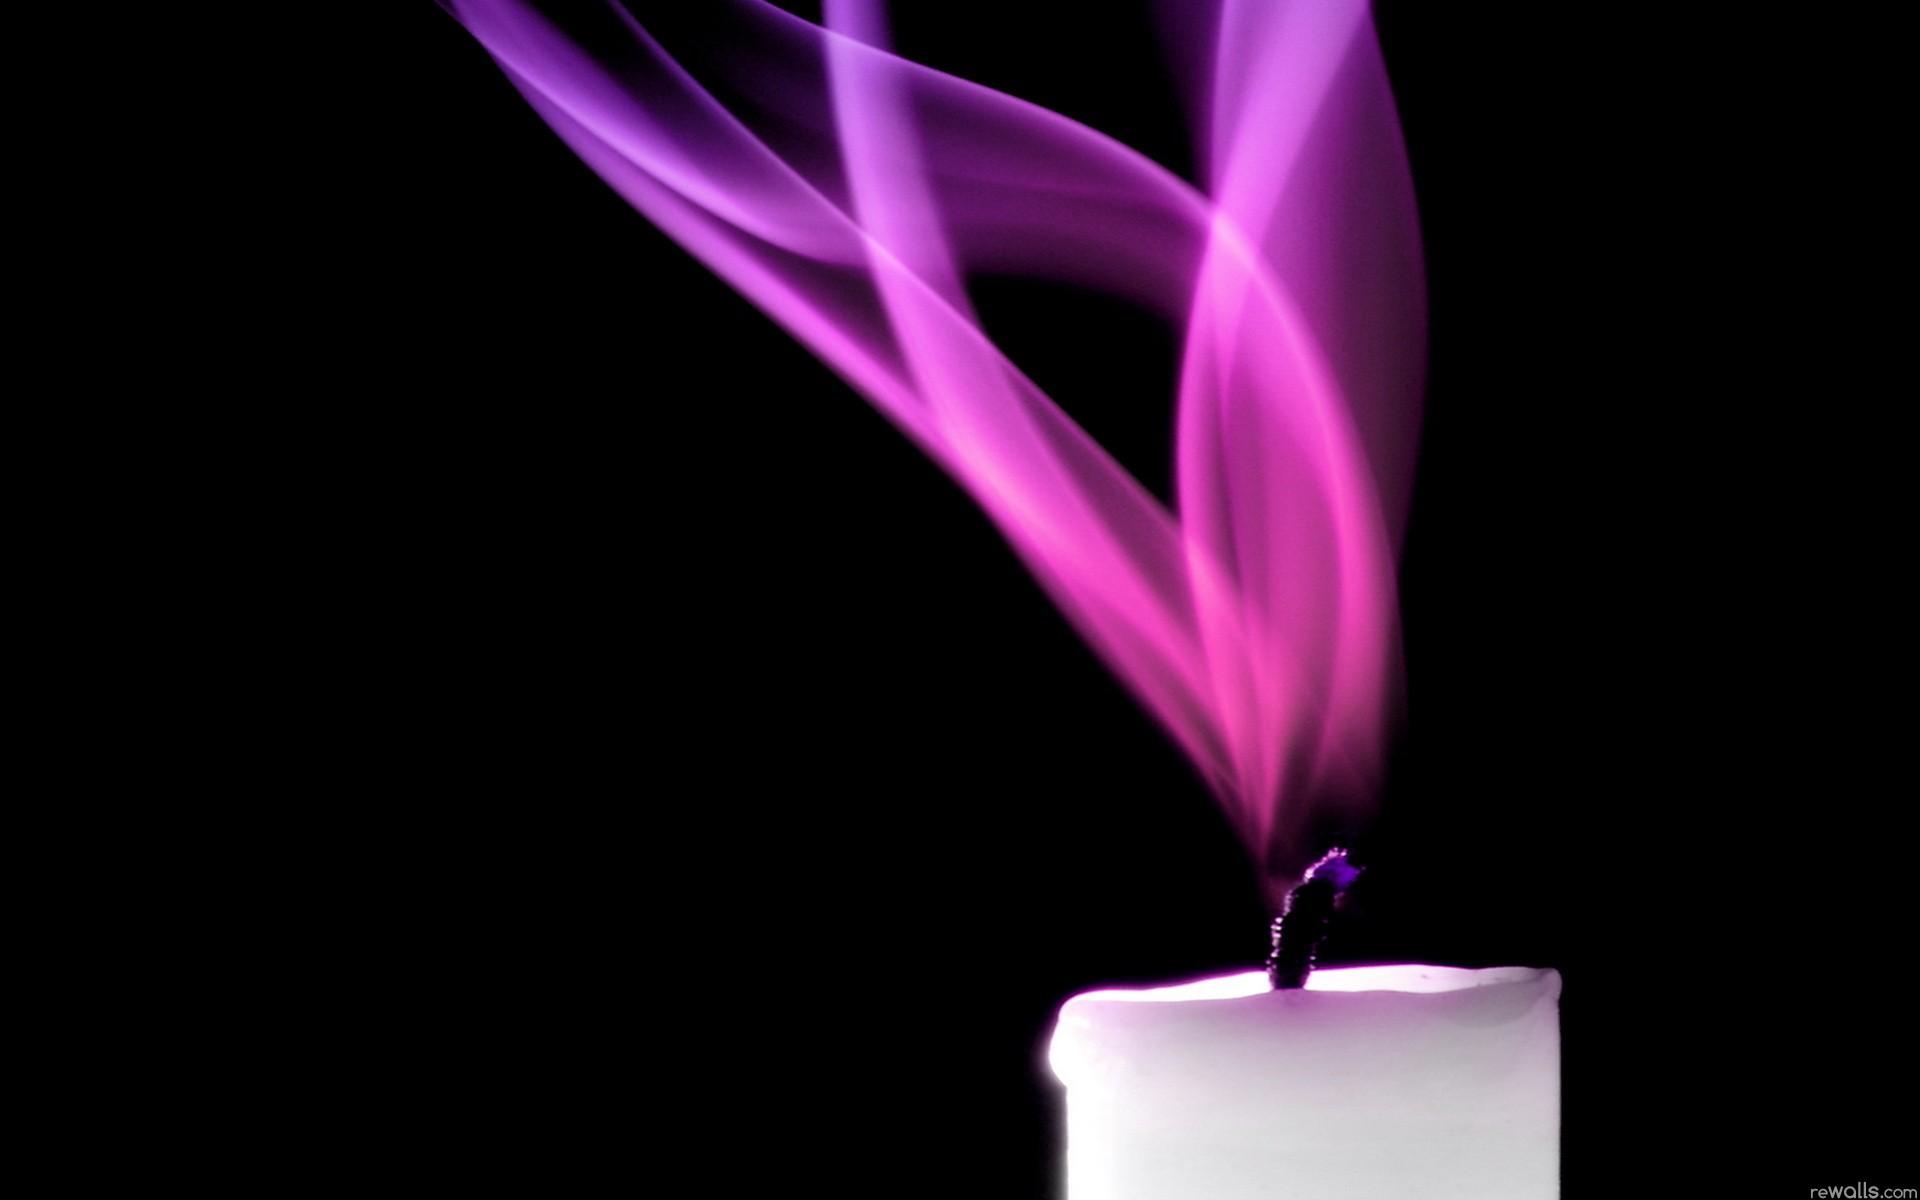 Maître Saint-Germain et la flamme violette